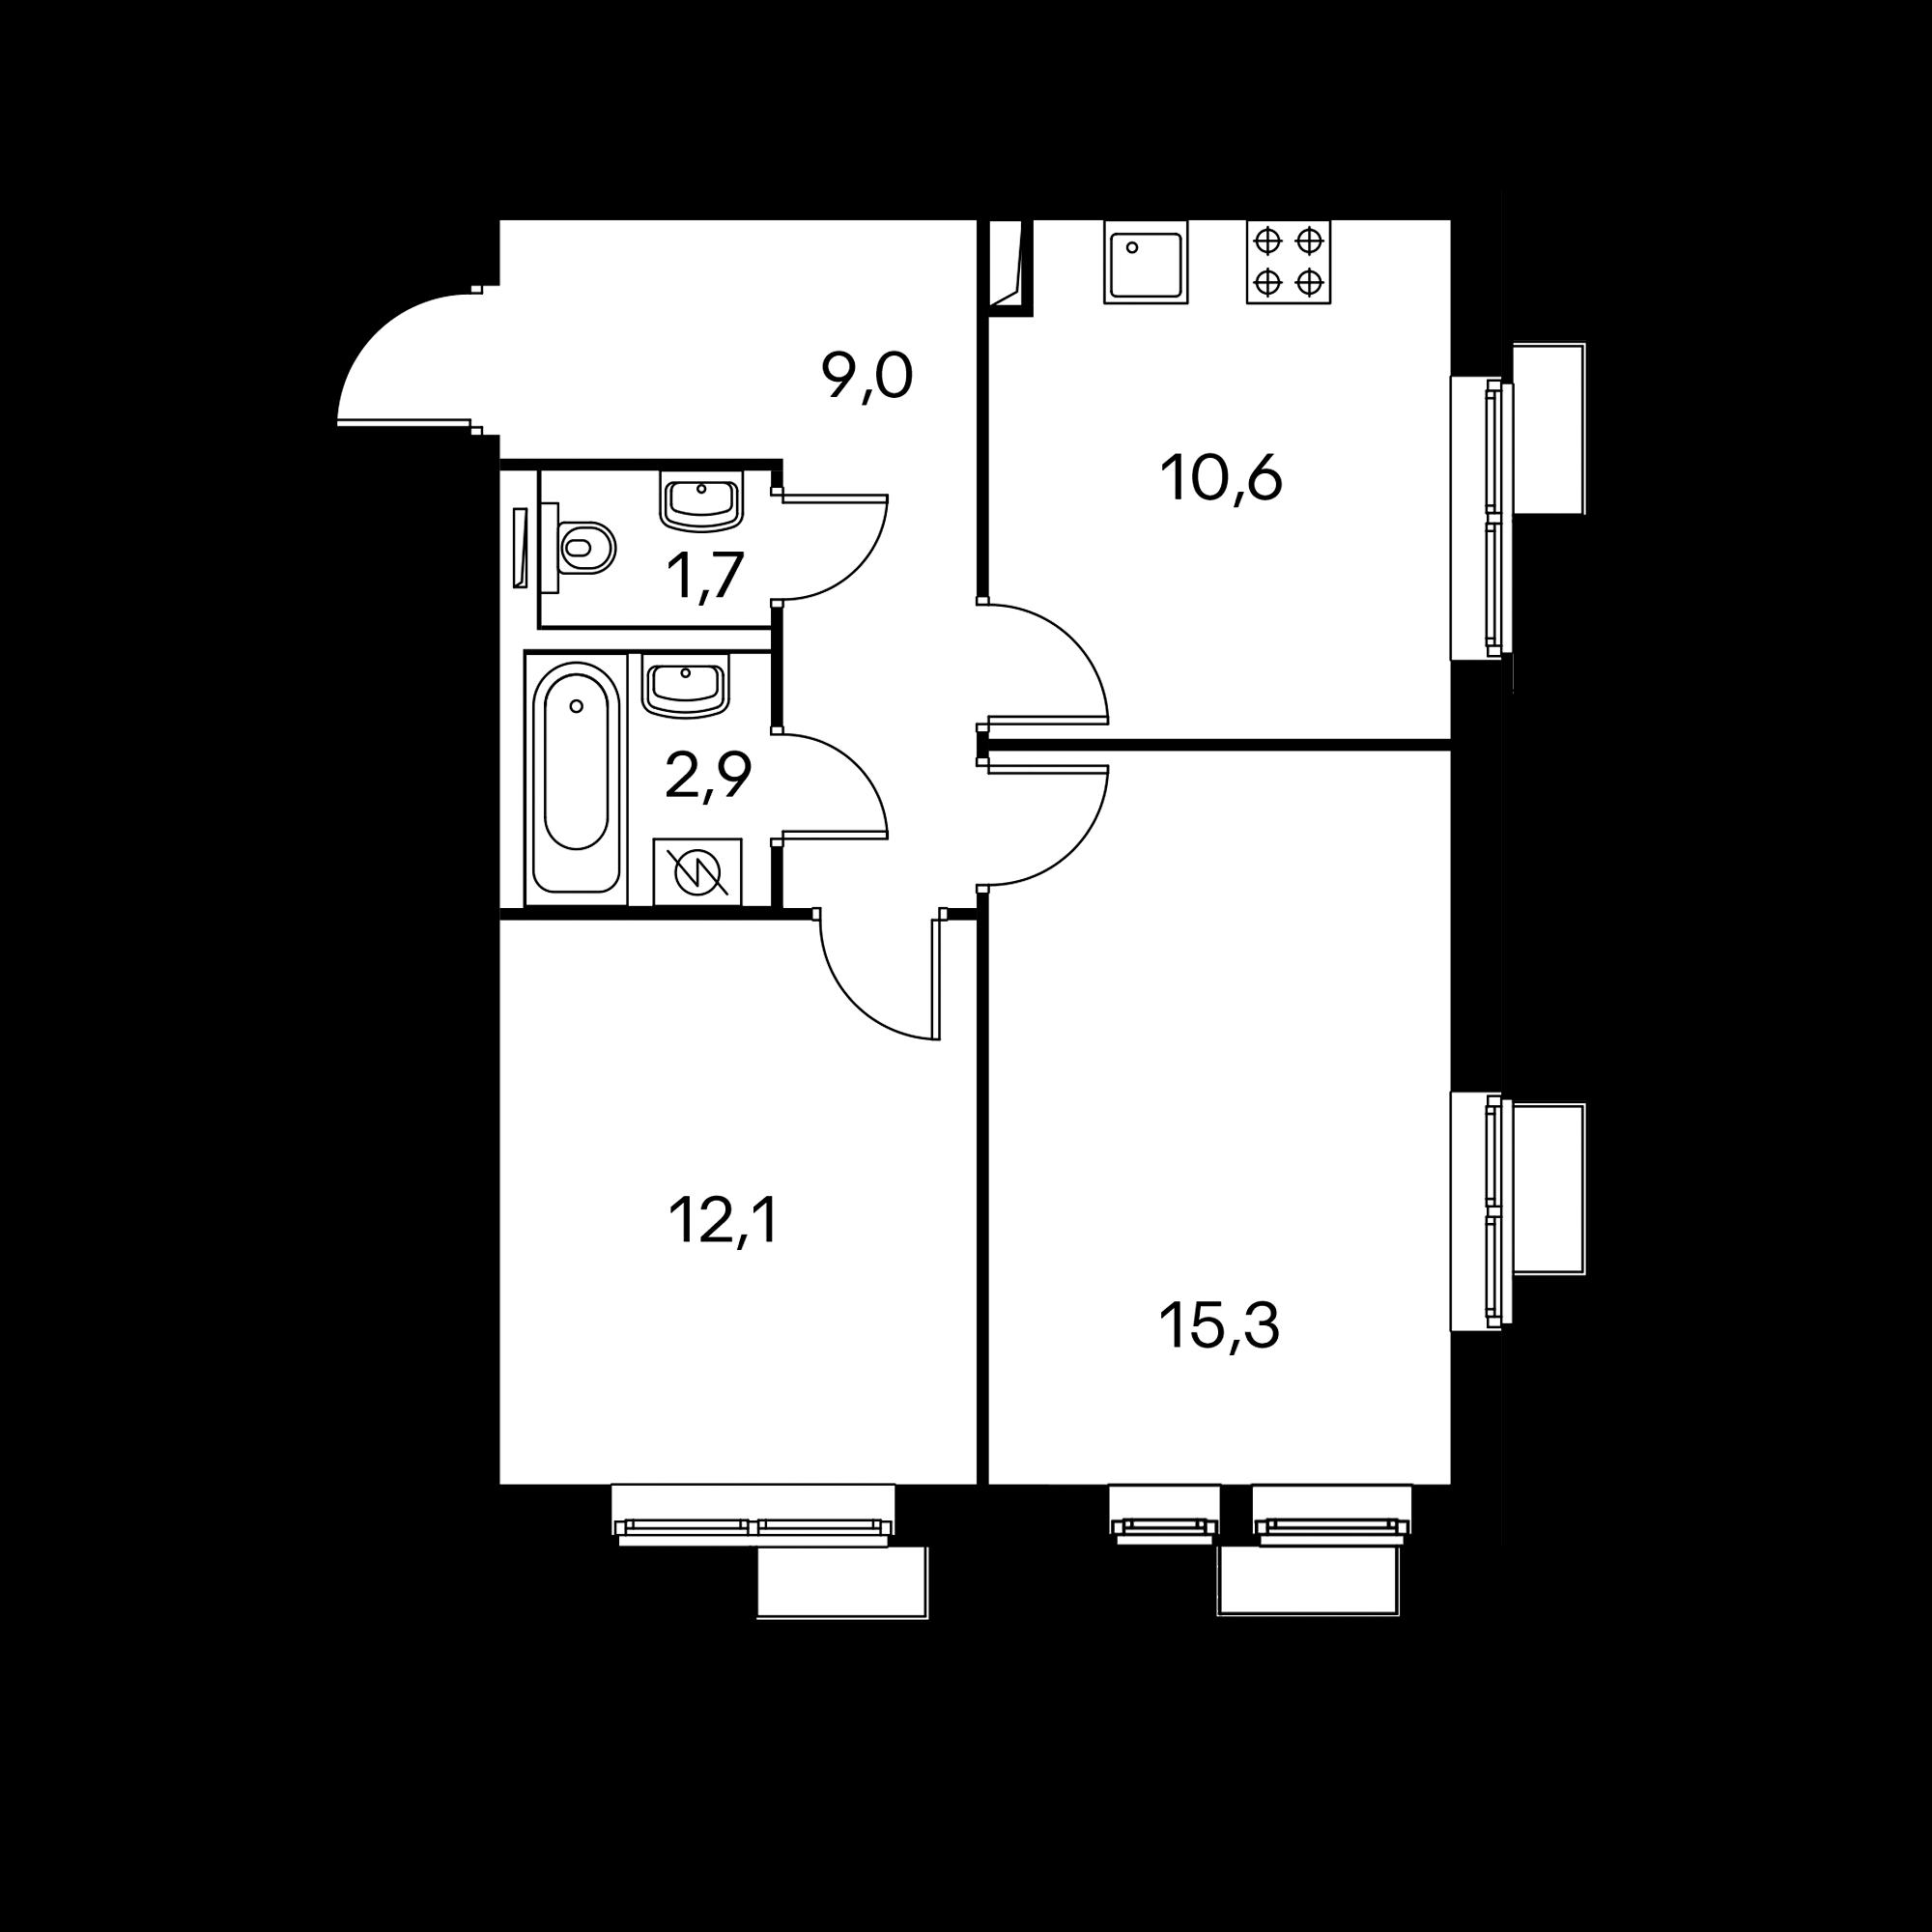 2KS1_6.6-1_T_A2